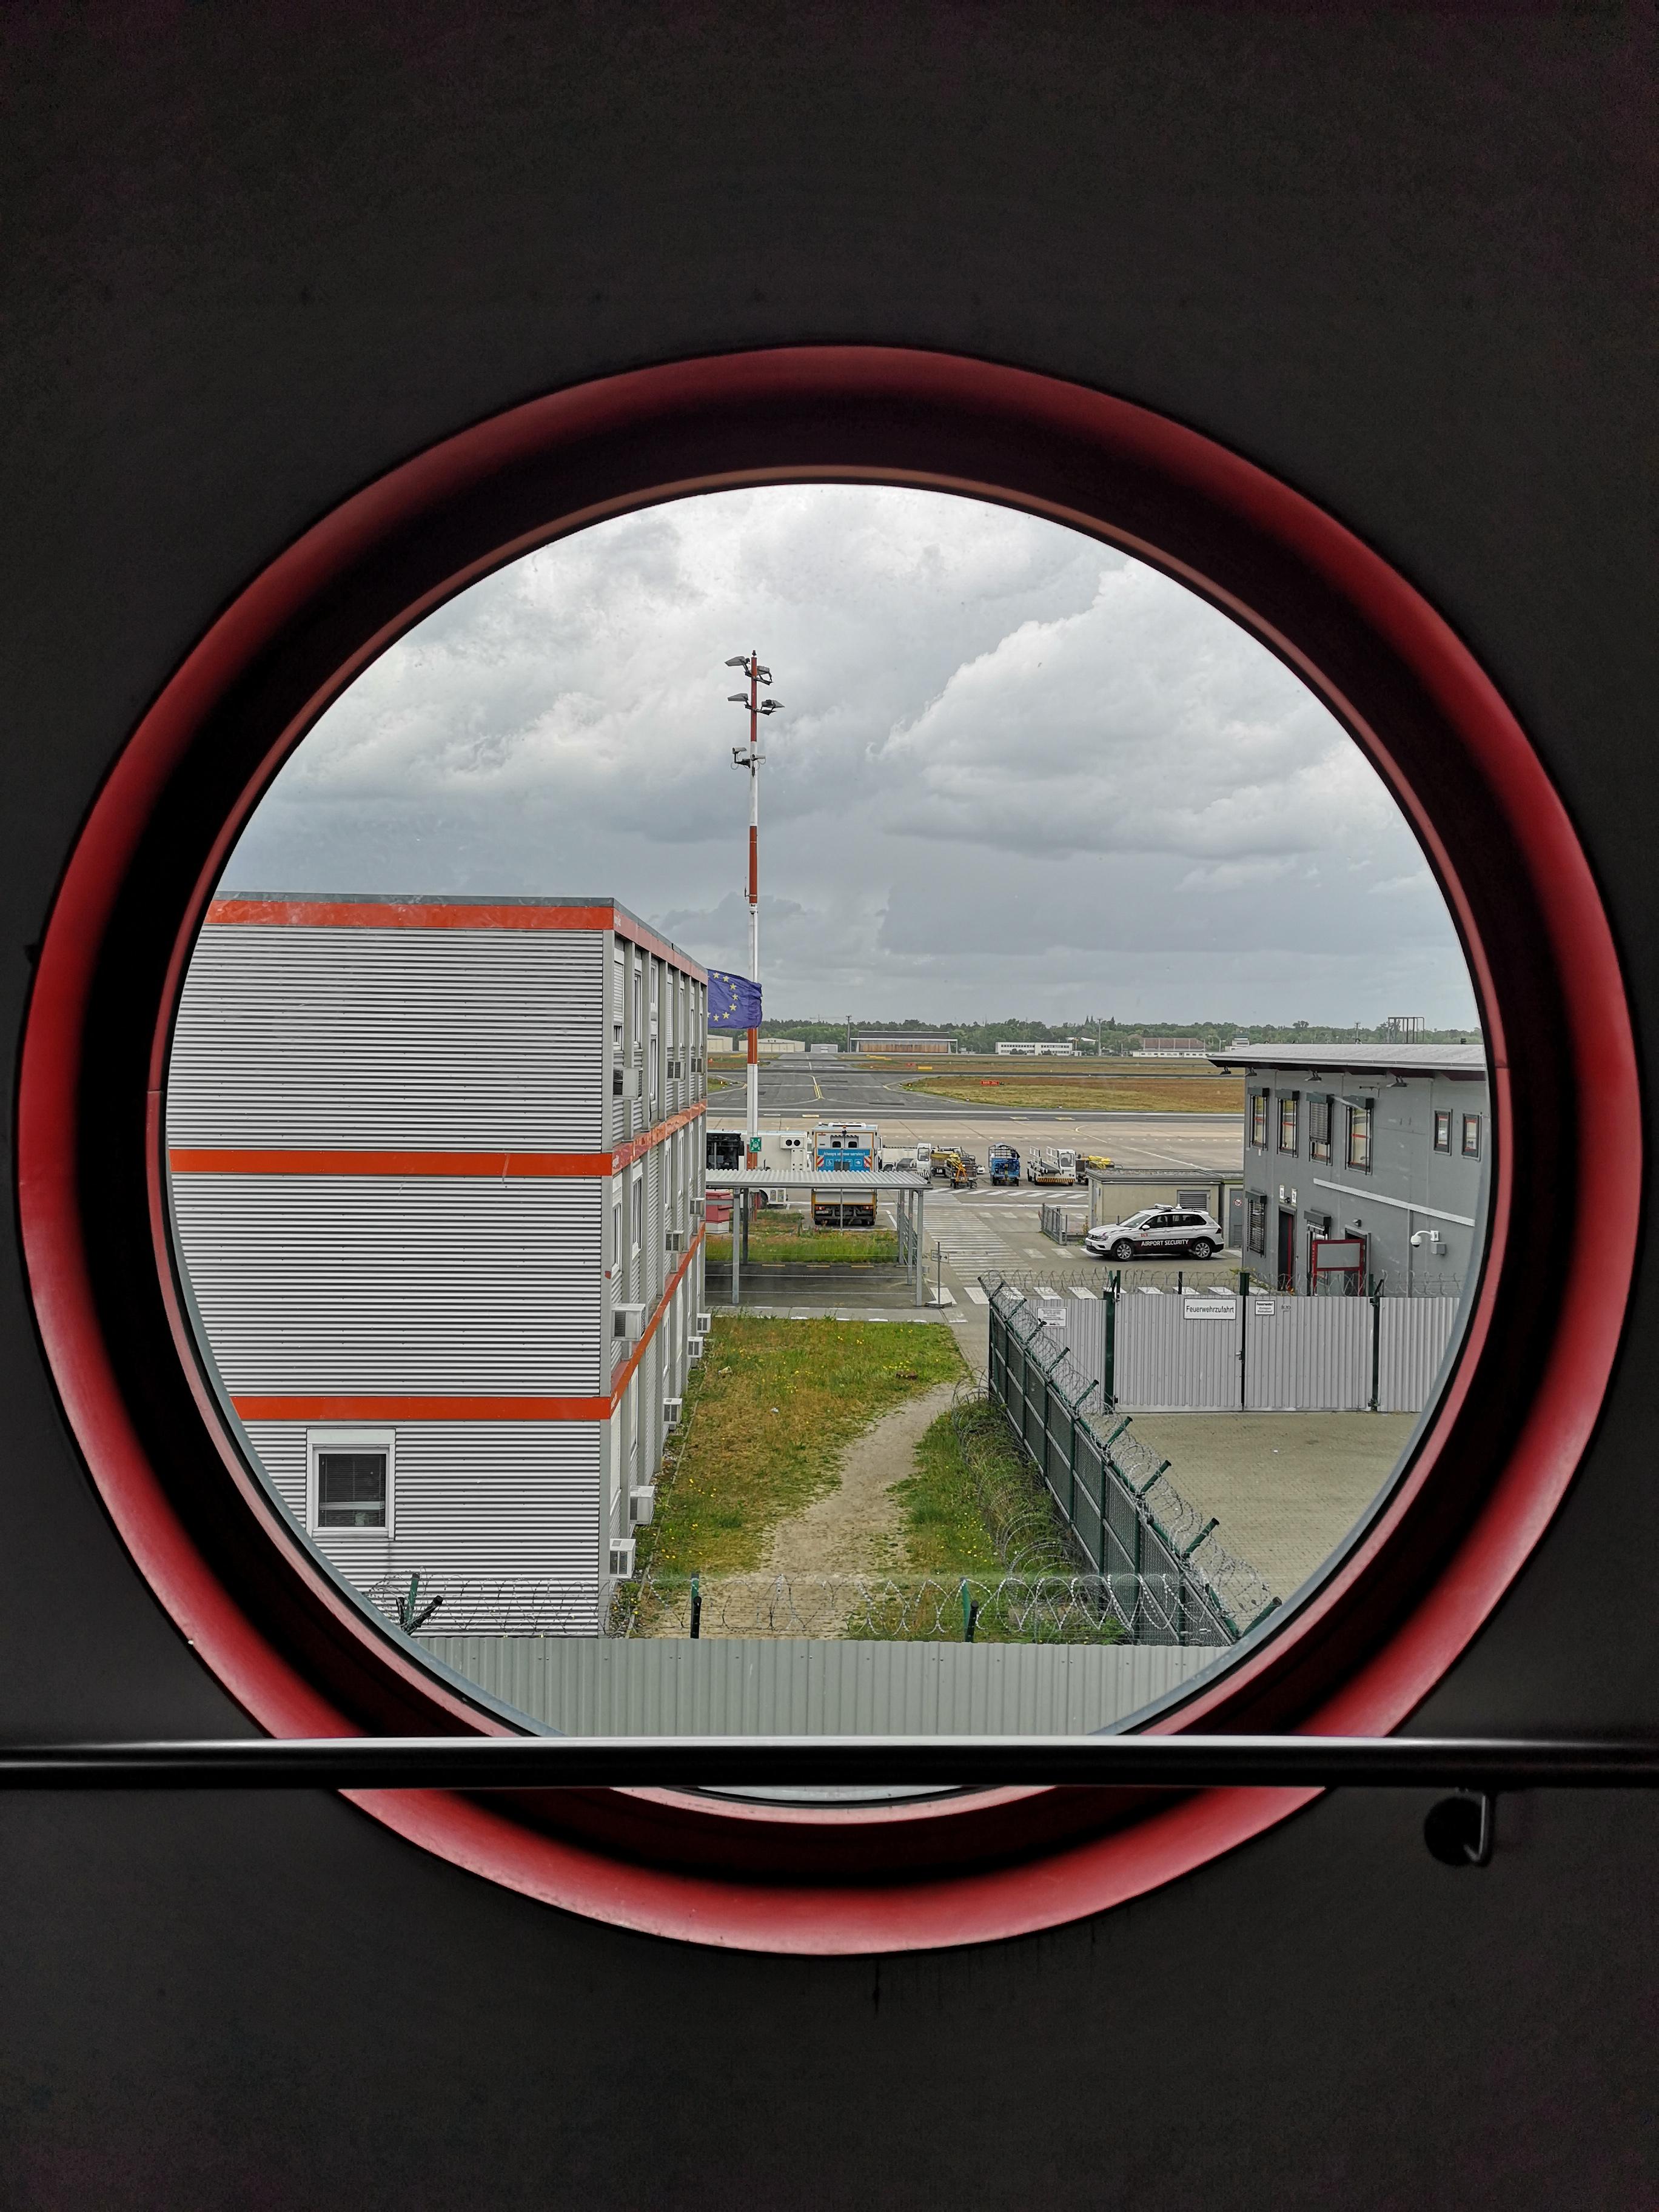 Flughafen-Tegel-Berlin-Schliessung-rundes-Fenster.